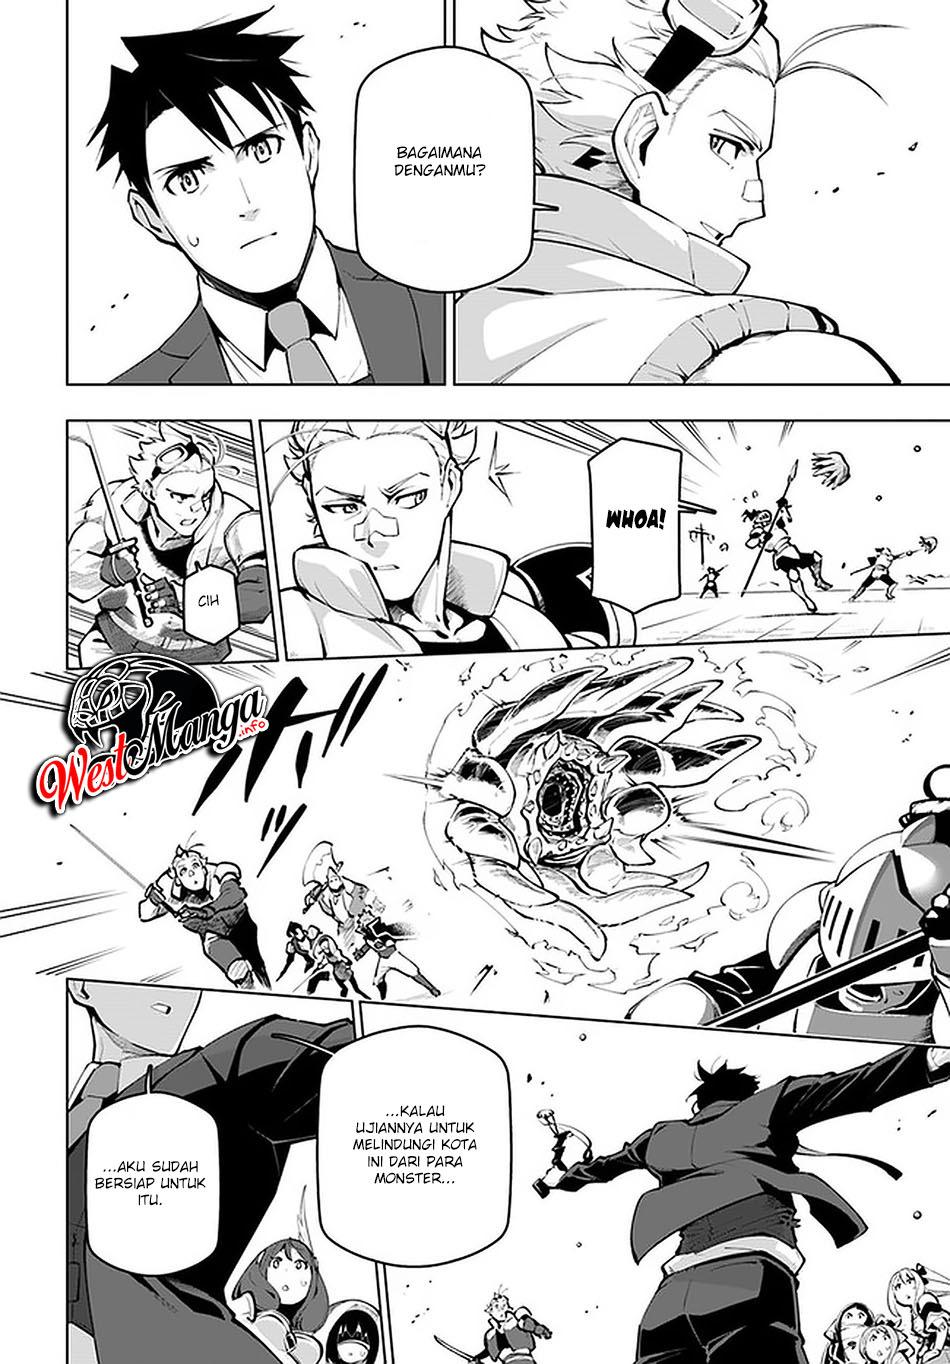 Sekai Saikyou no Kouei: Meikyuukoku no Shinjin Tansakusha: Chapter 19 - Page 15